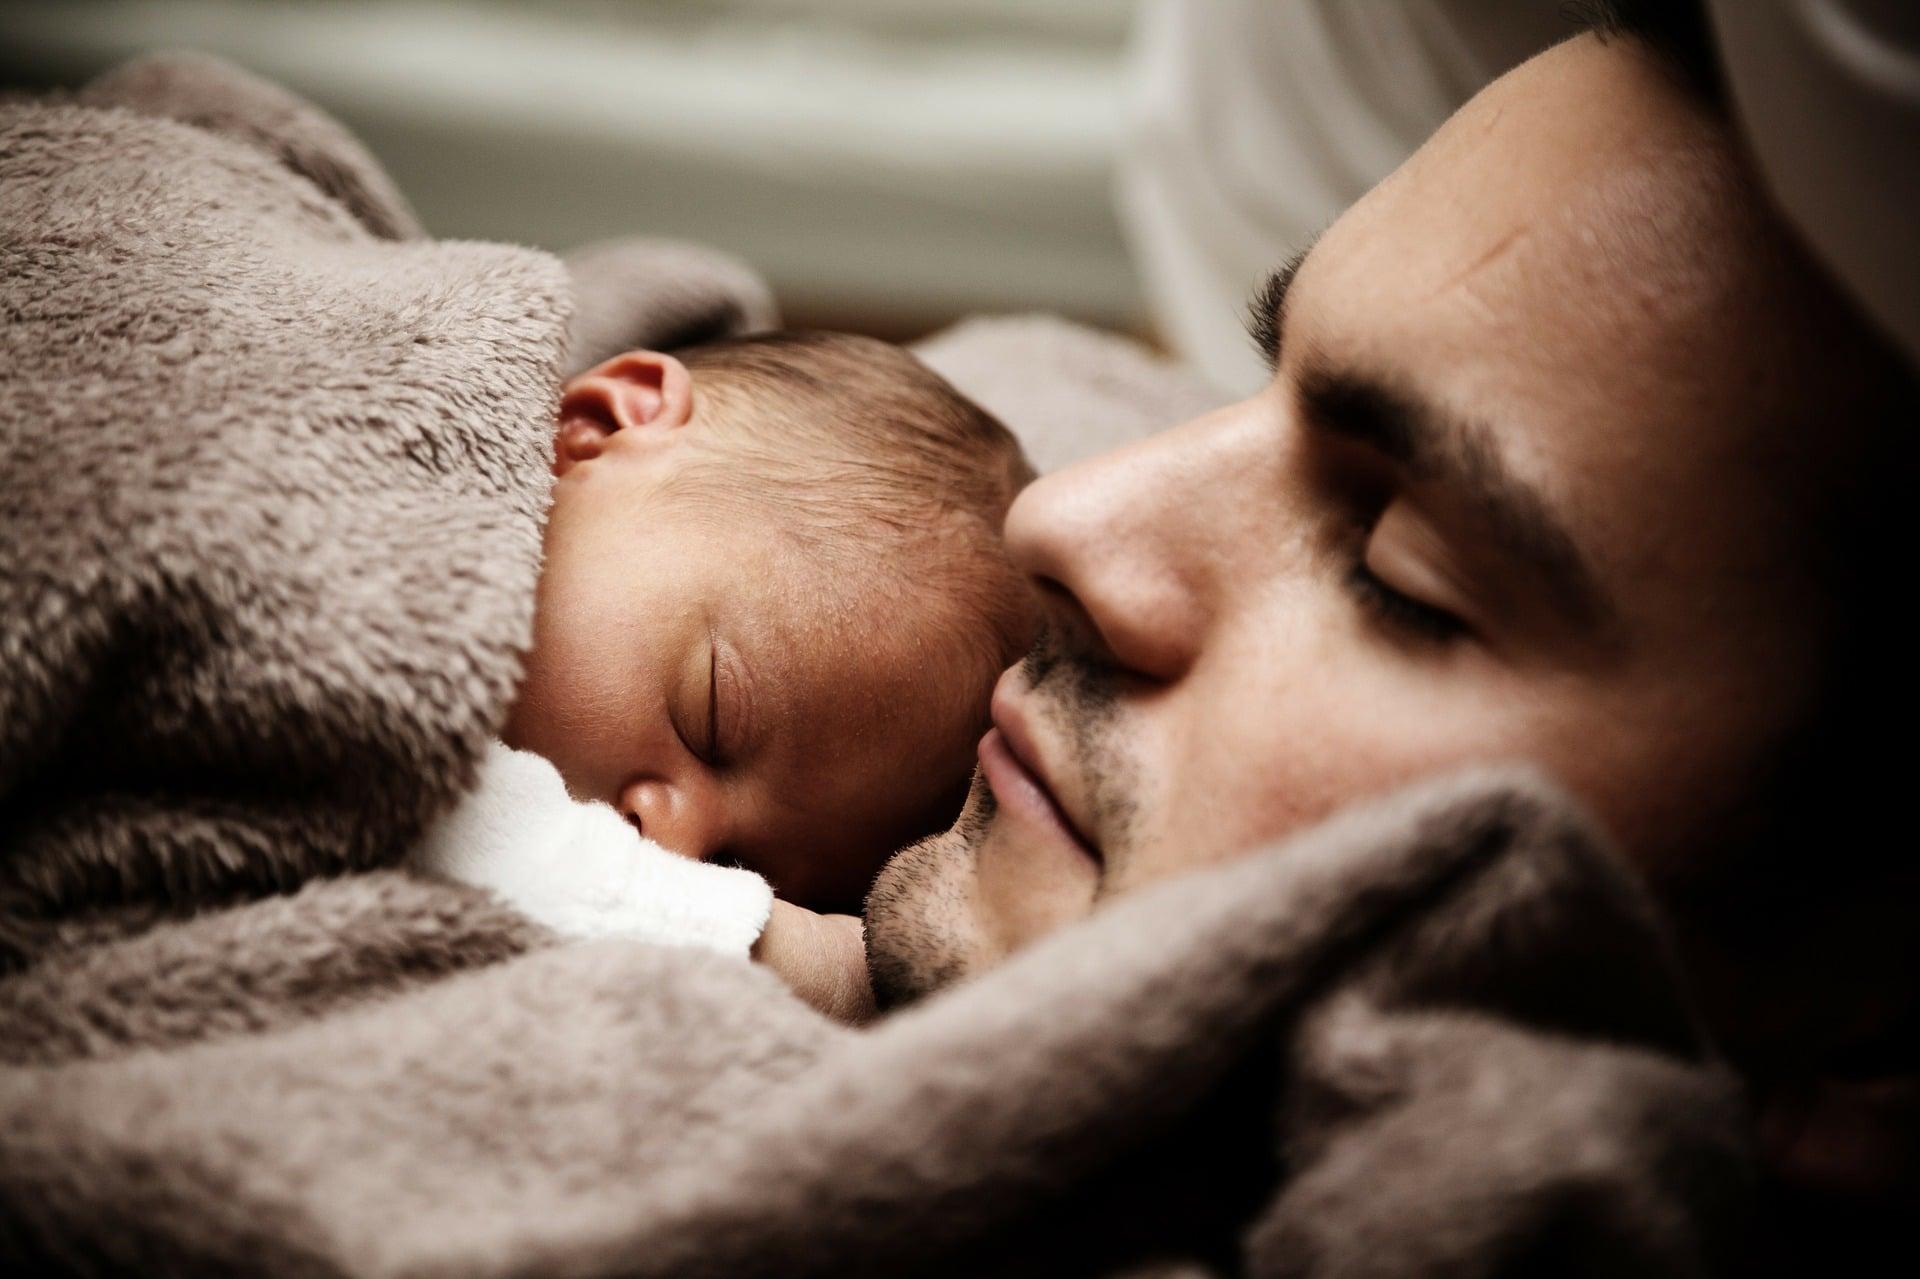 Papa und Baby gemeinsames Schlafen